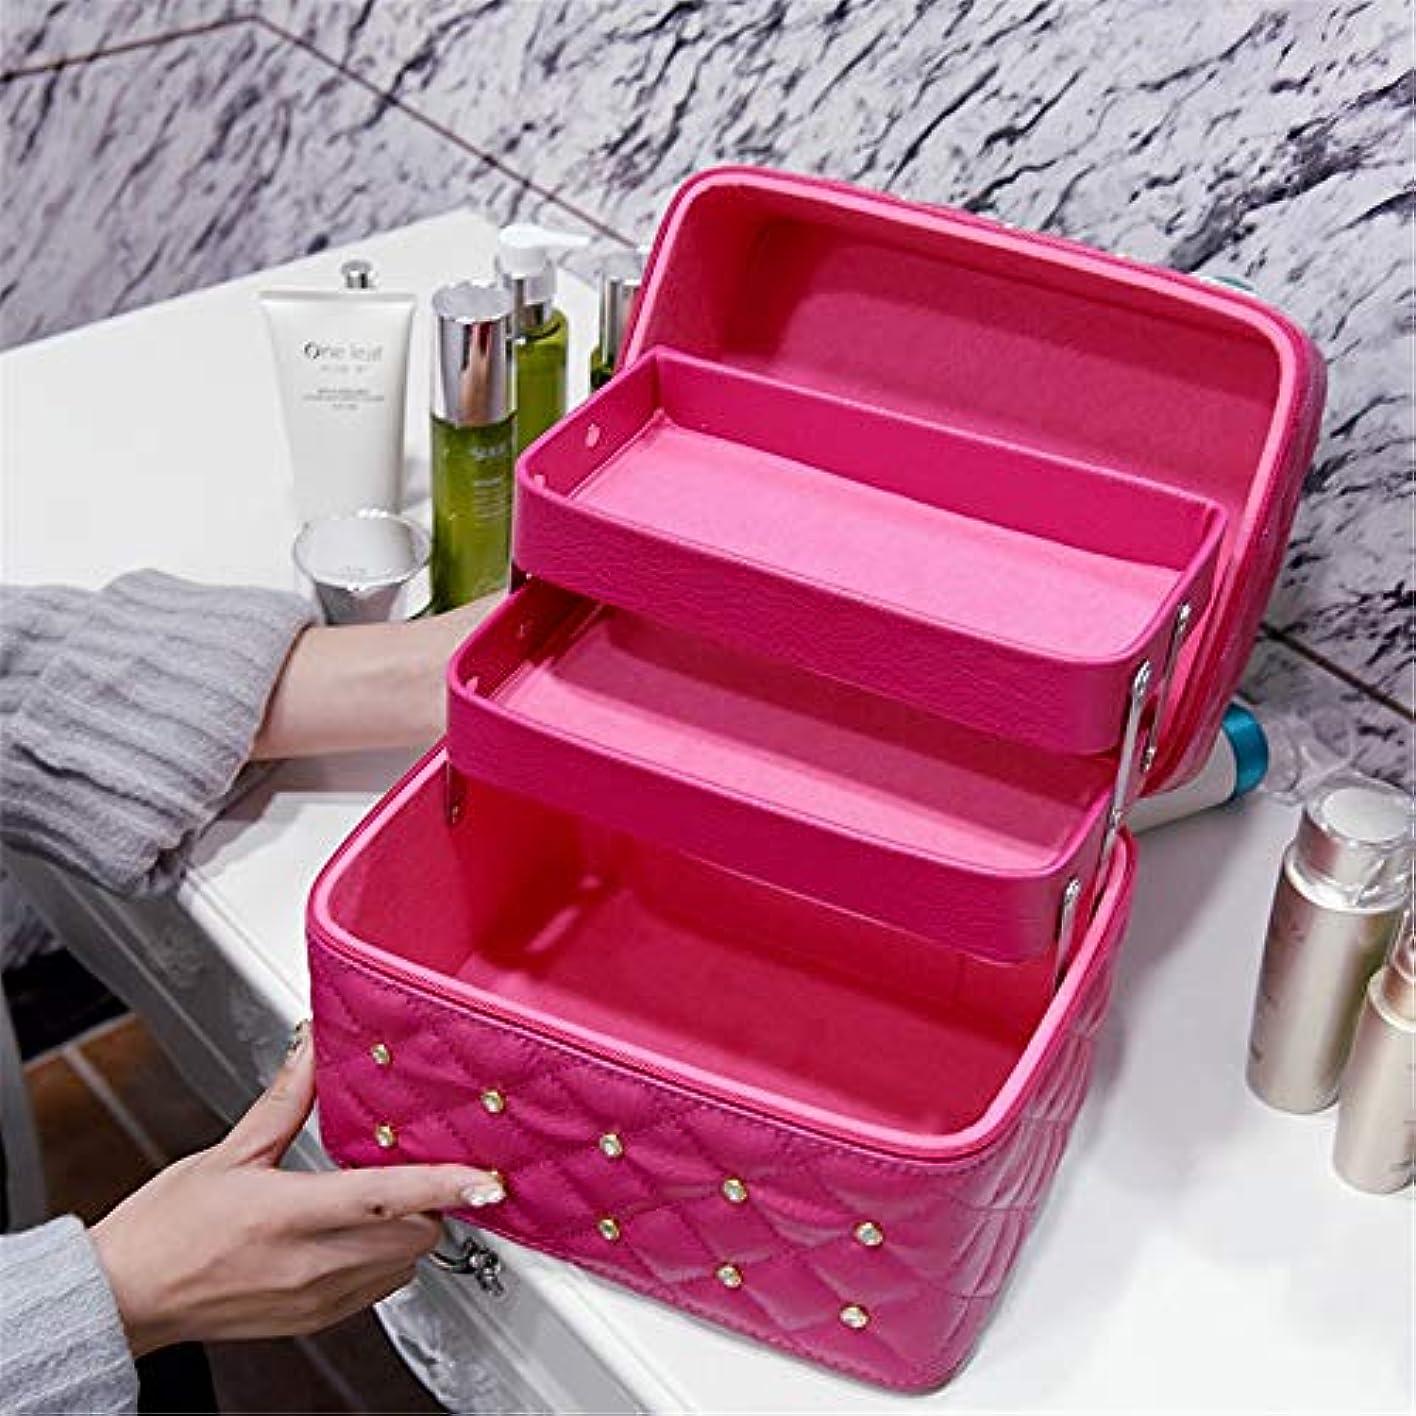 冗談でガラス放棄特大スペース収納ビューティーボックス 美の構造のためそしてジッパーおよび折る皿が付いている女の子の女性旅行そして毎日の貯蔵のための高容量の携帯用化粧品袋 化粧品化粧台